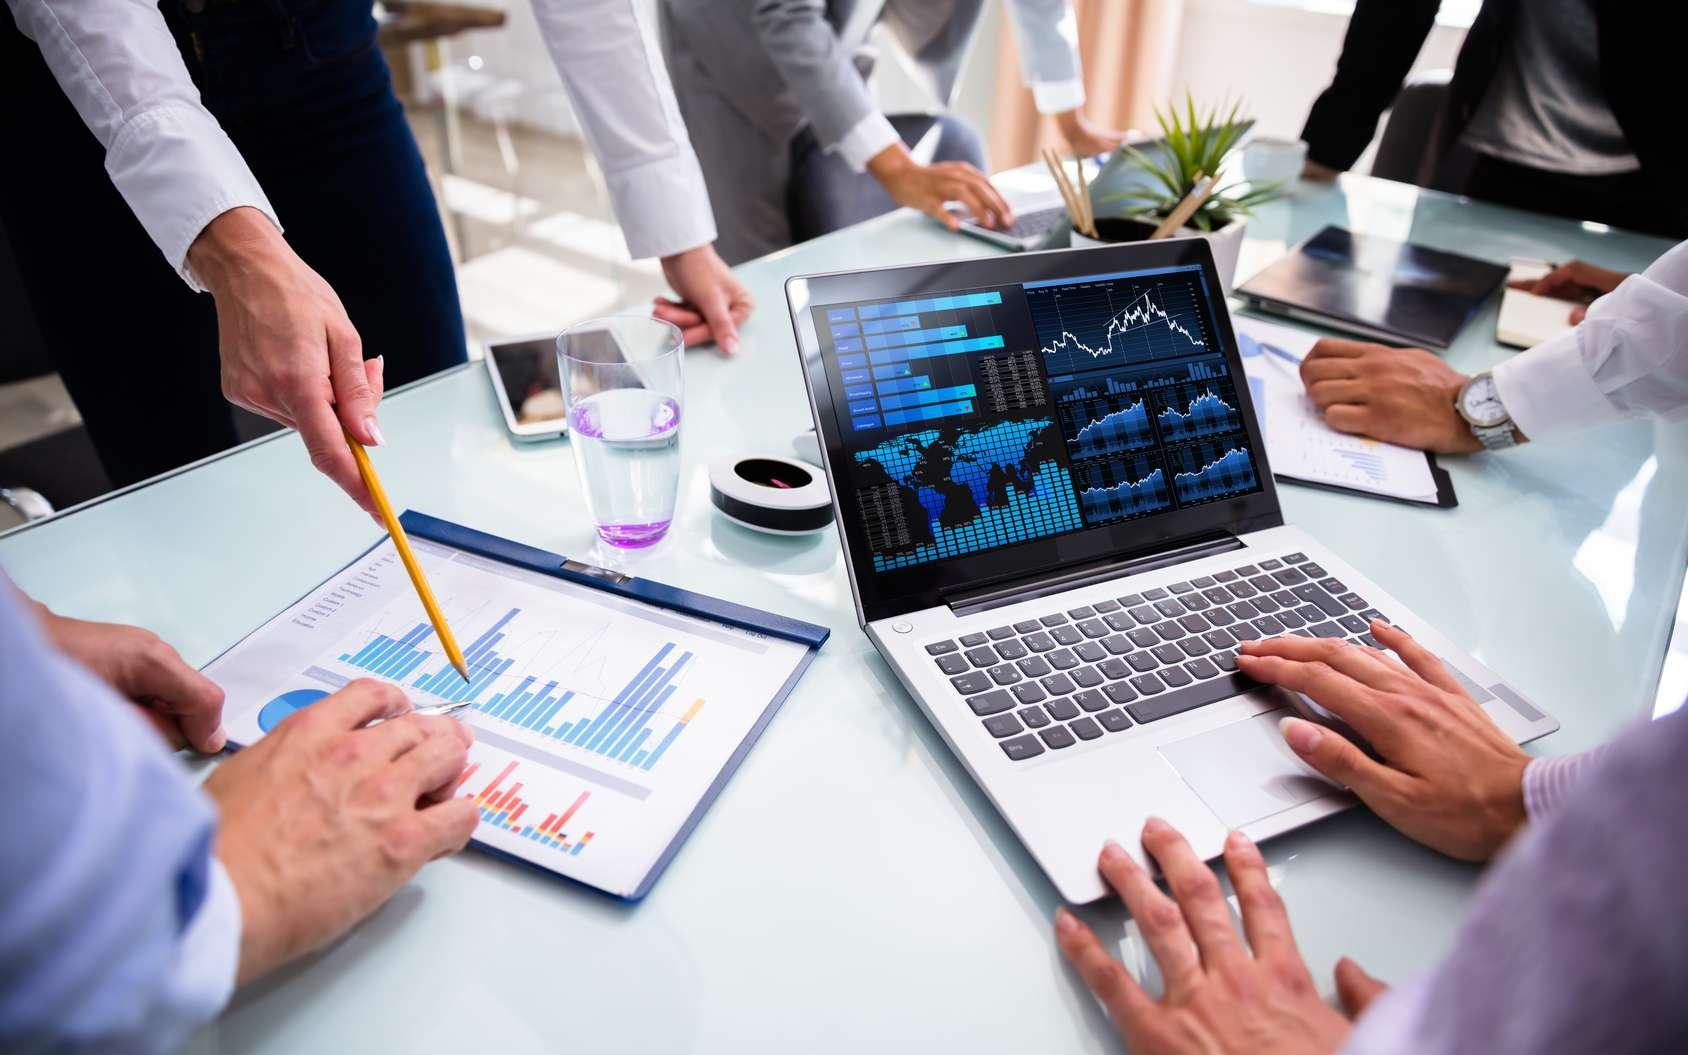 La BI analyse toutes les données pour aider à la prise de décision au sein des entreprises. © Andrey Popov, Fotolia